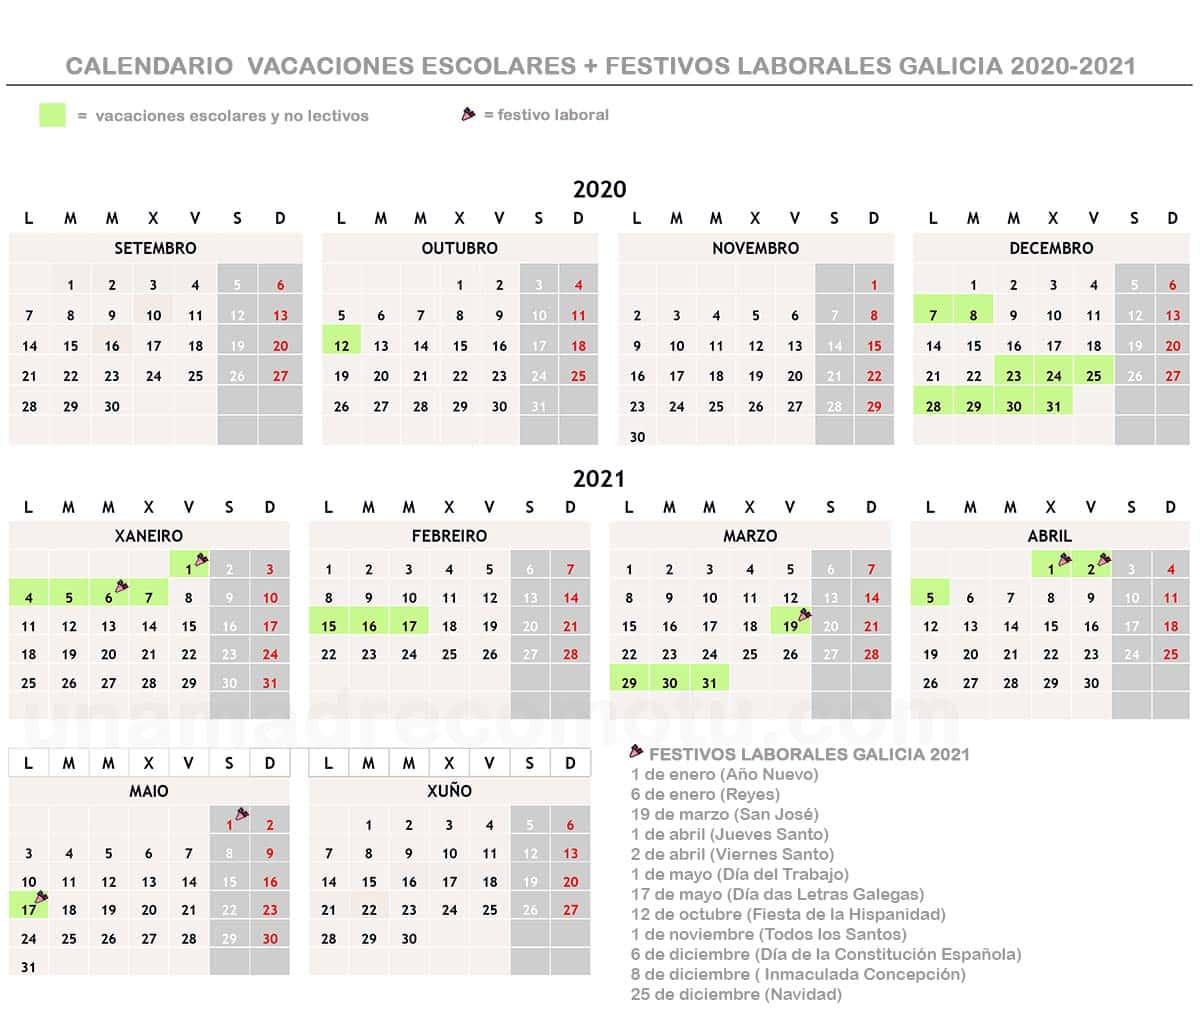 Calendario Vacaciones Escolares Festivos Laborales Galicia 2020 2021 Una Madre Como Tú